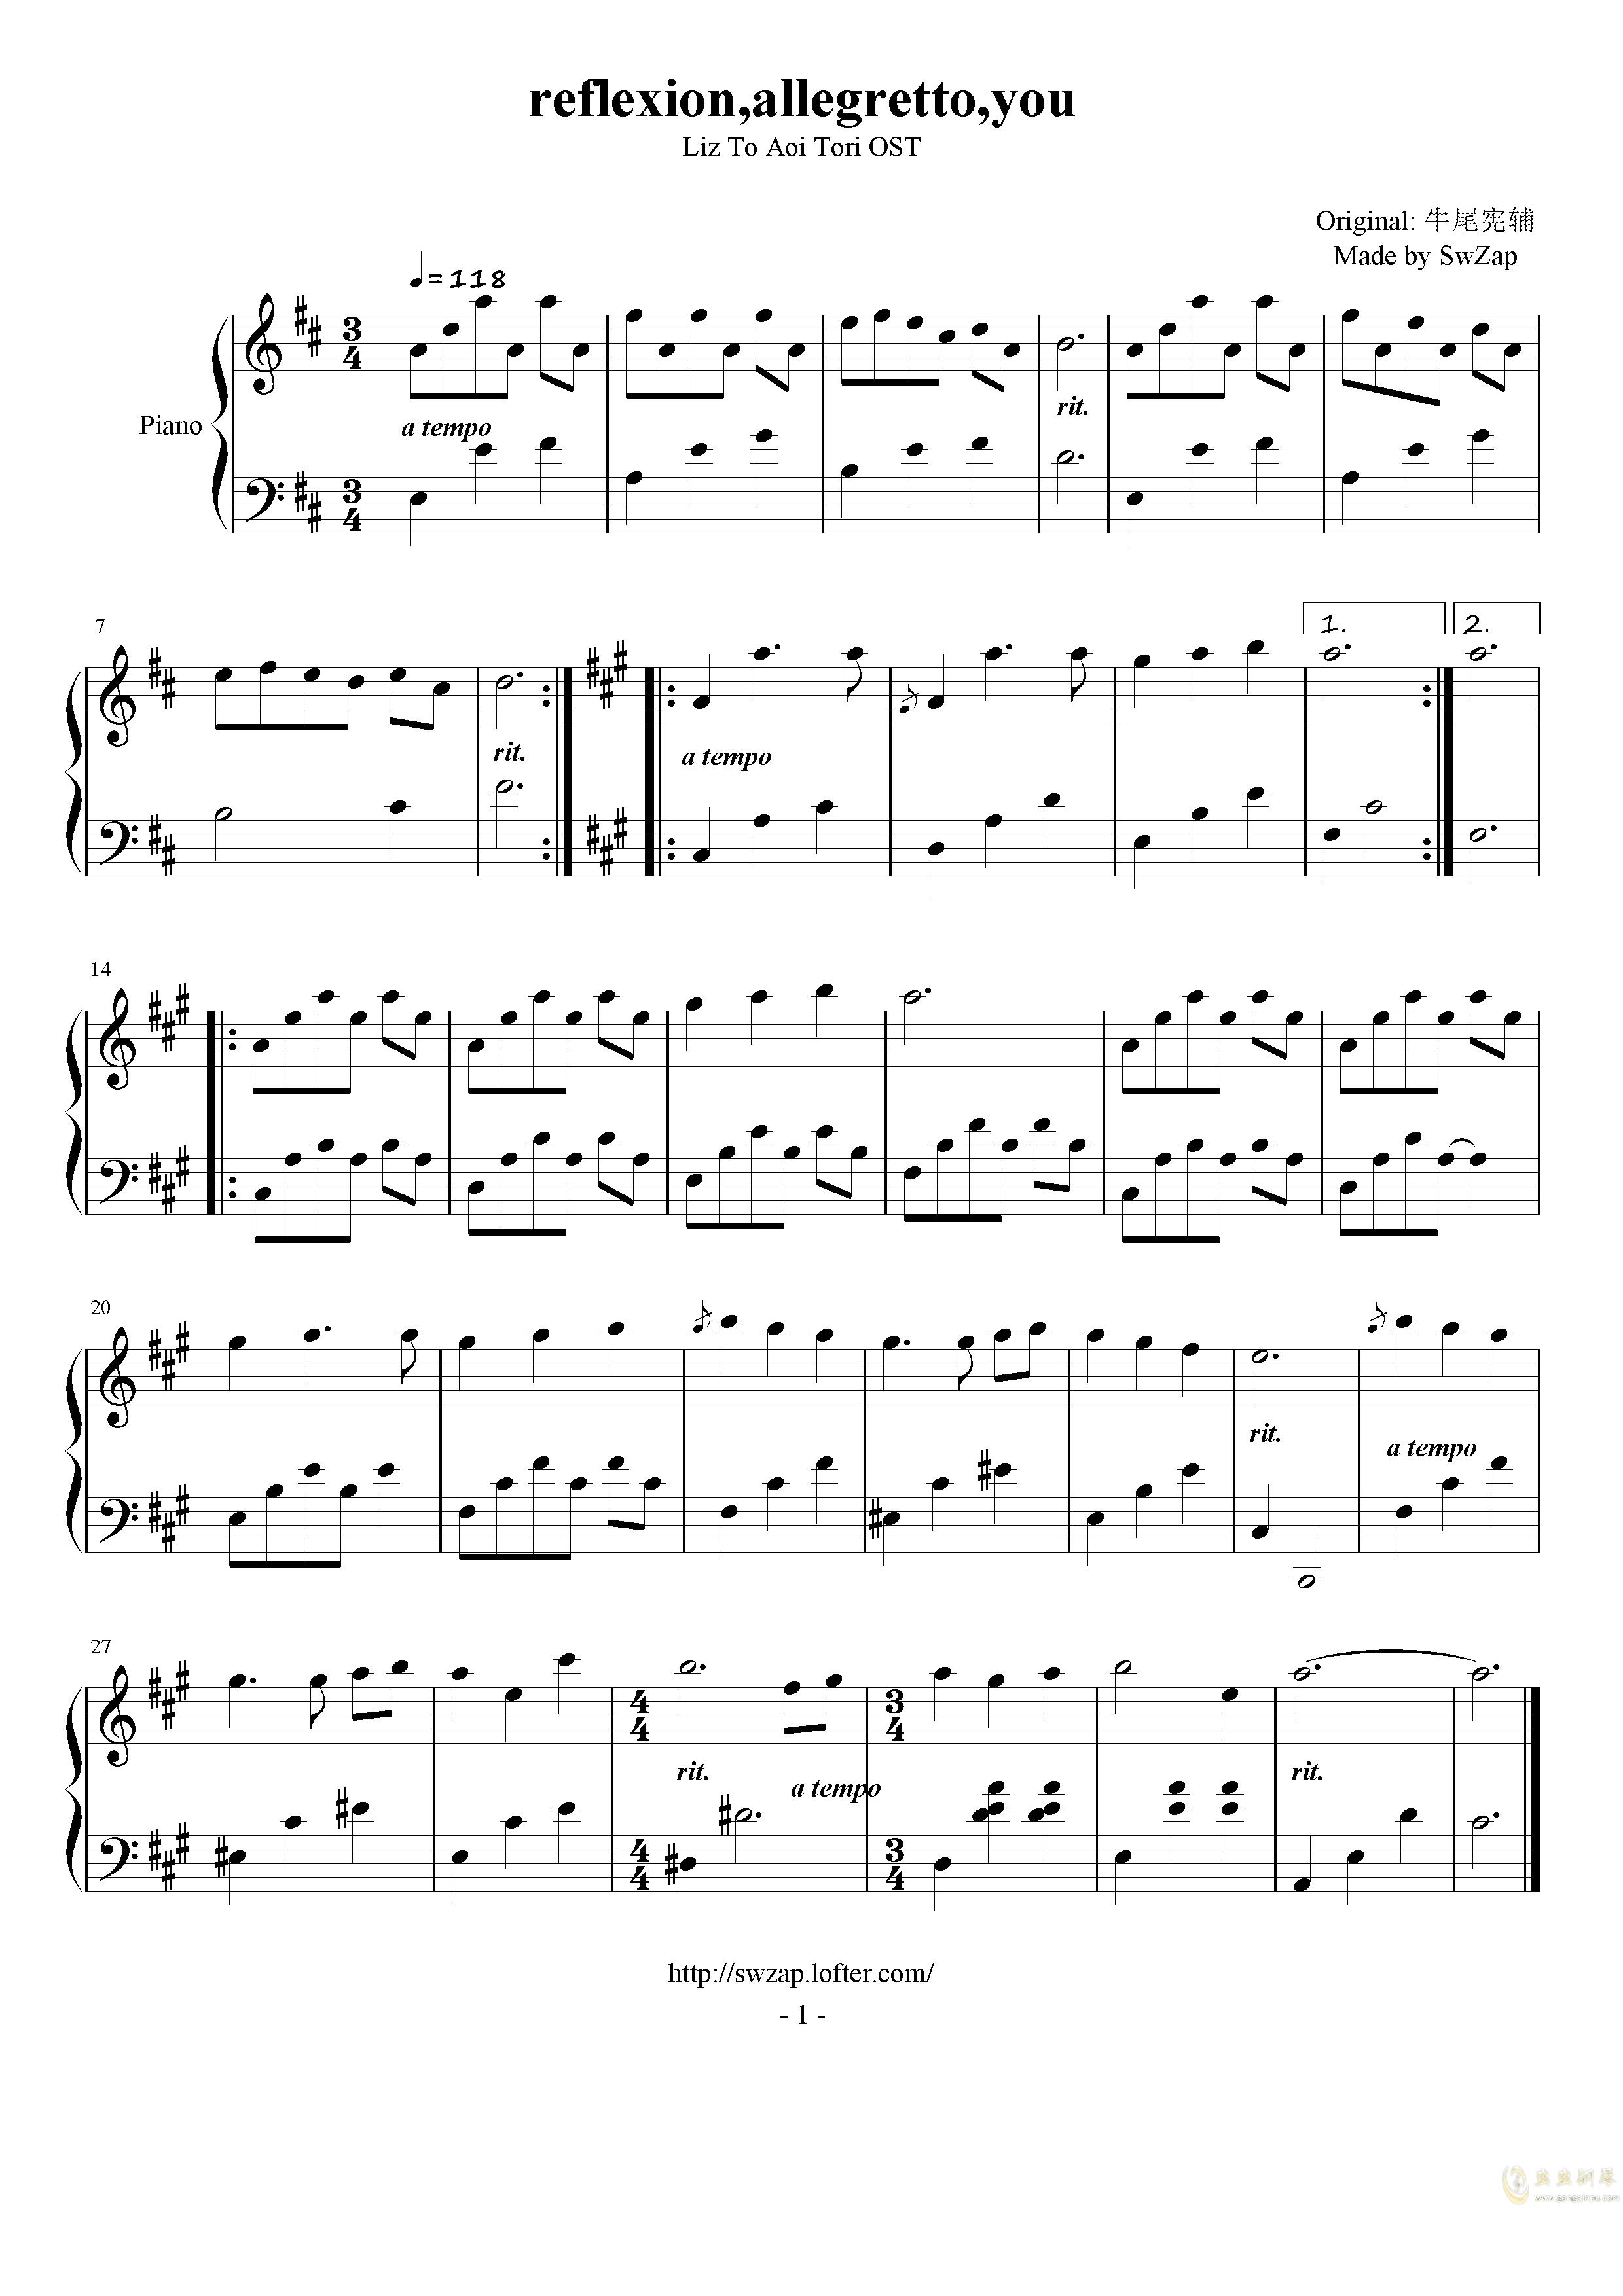 reflexion,allegretto,you钢琴谱 第1页